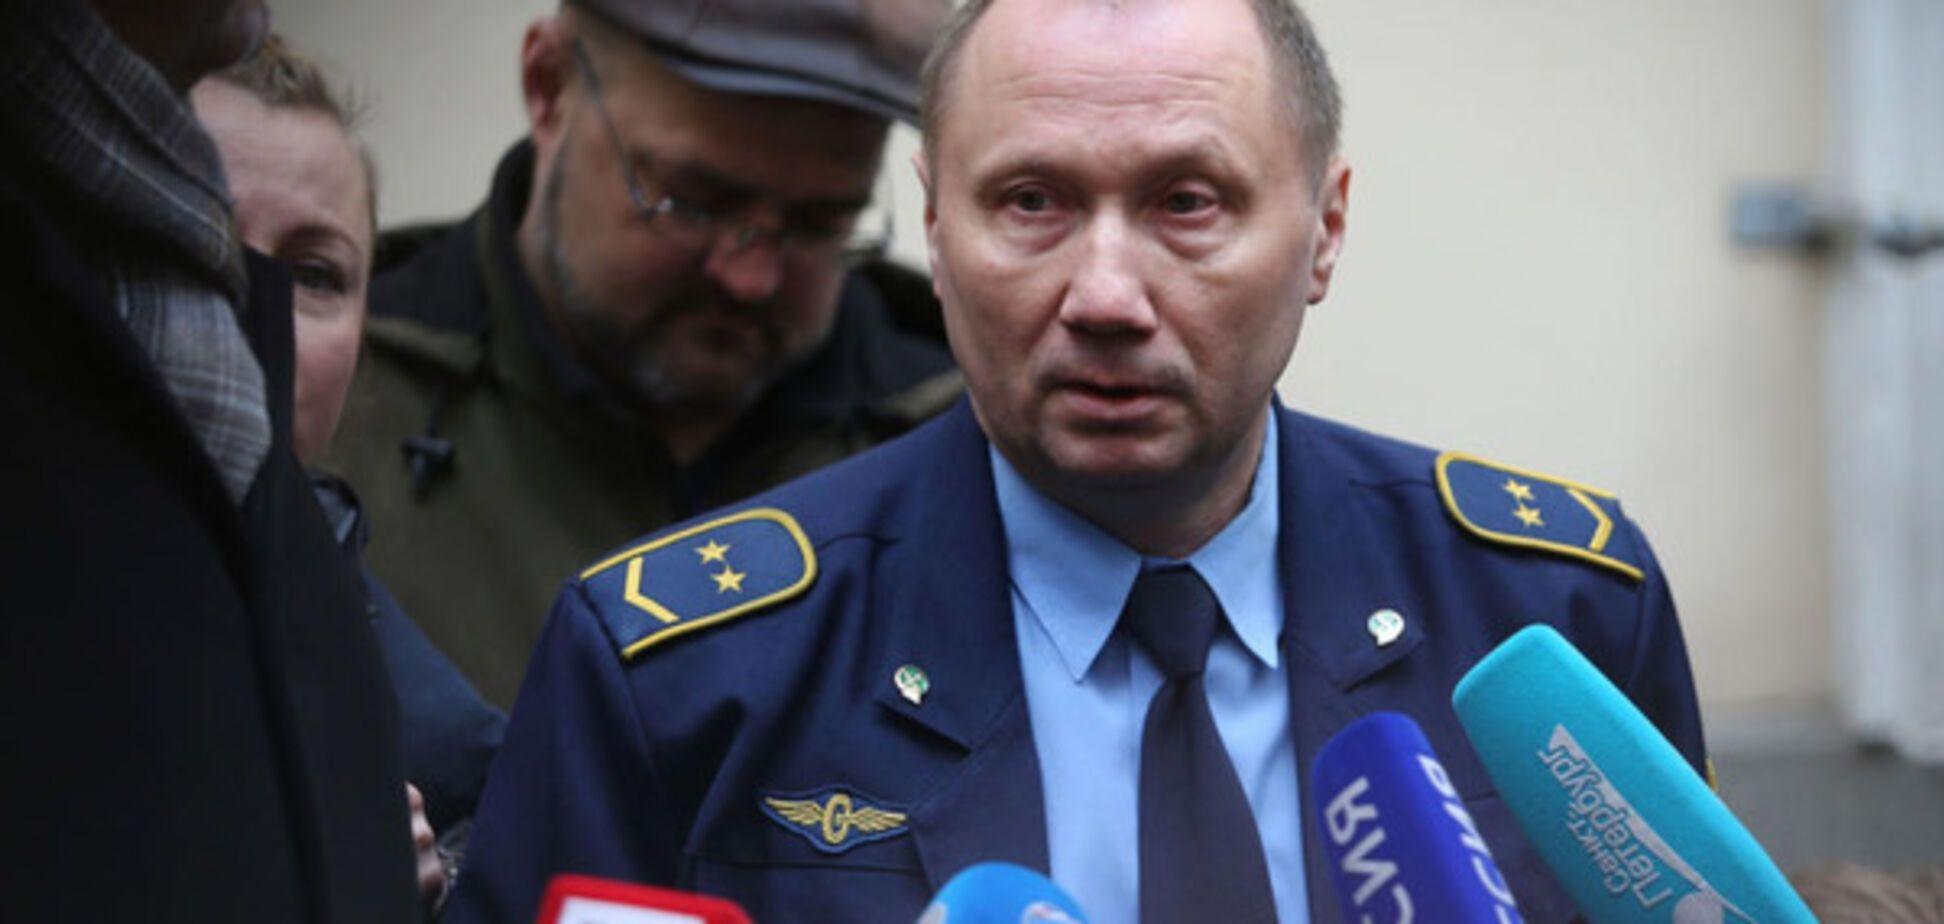 Машинист Александр КаверинКаверин пожаловался на назойливость журналистов